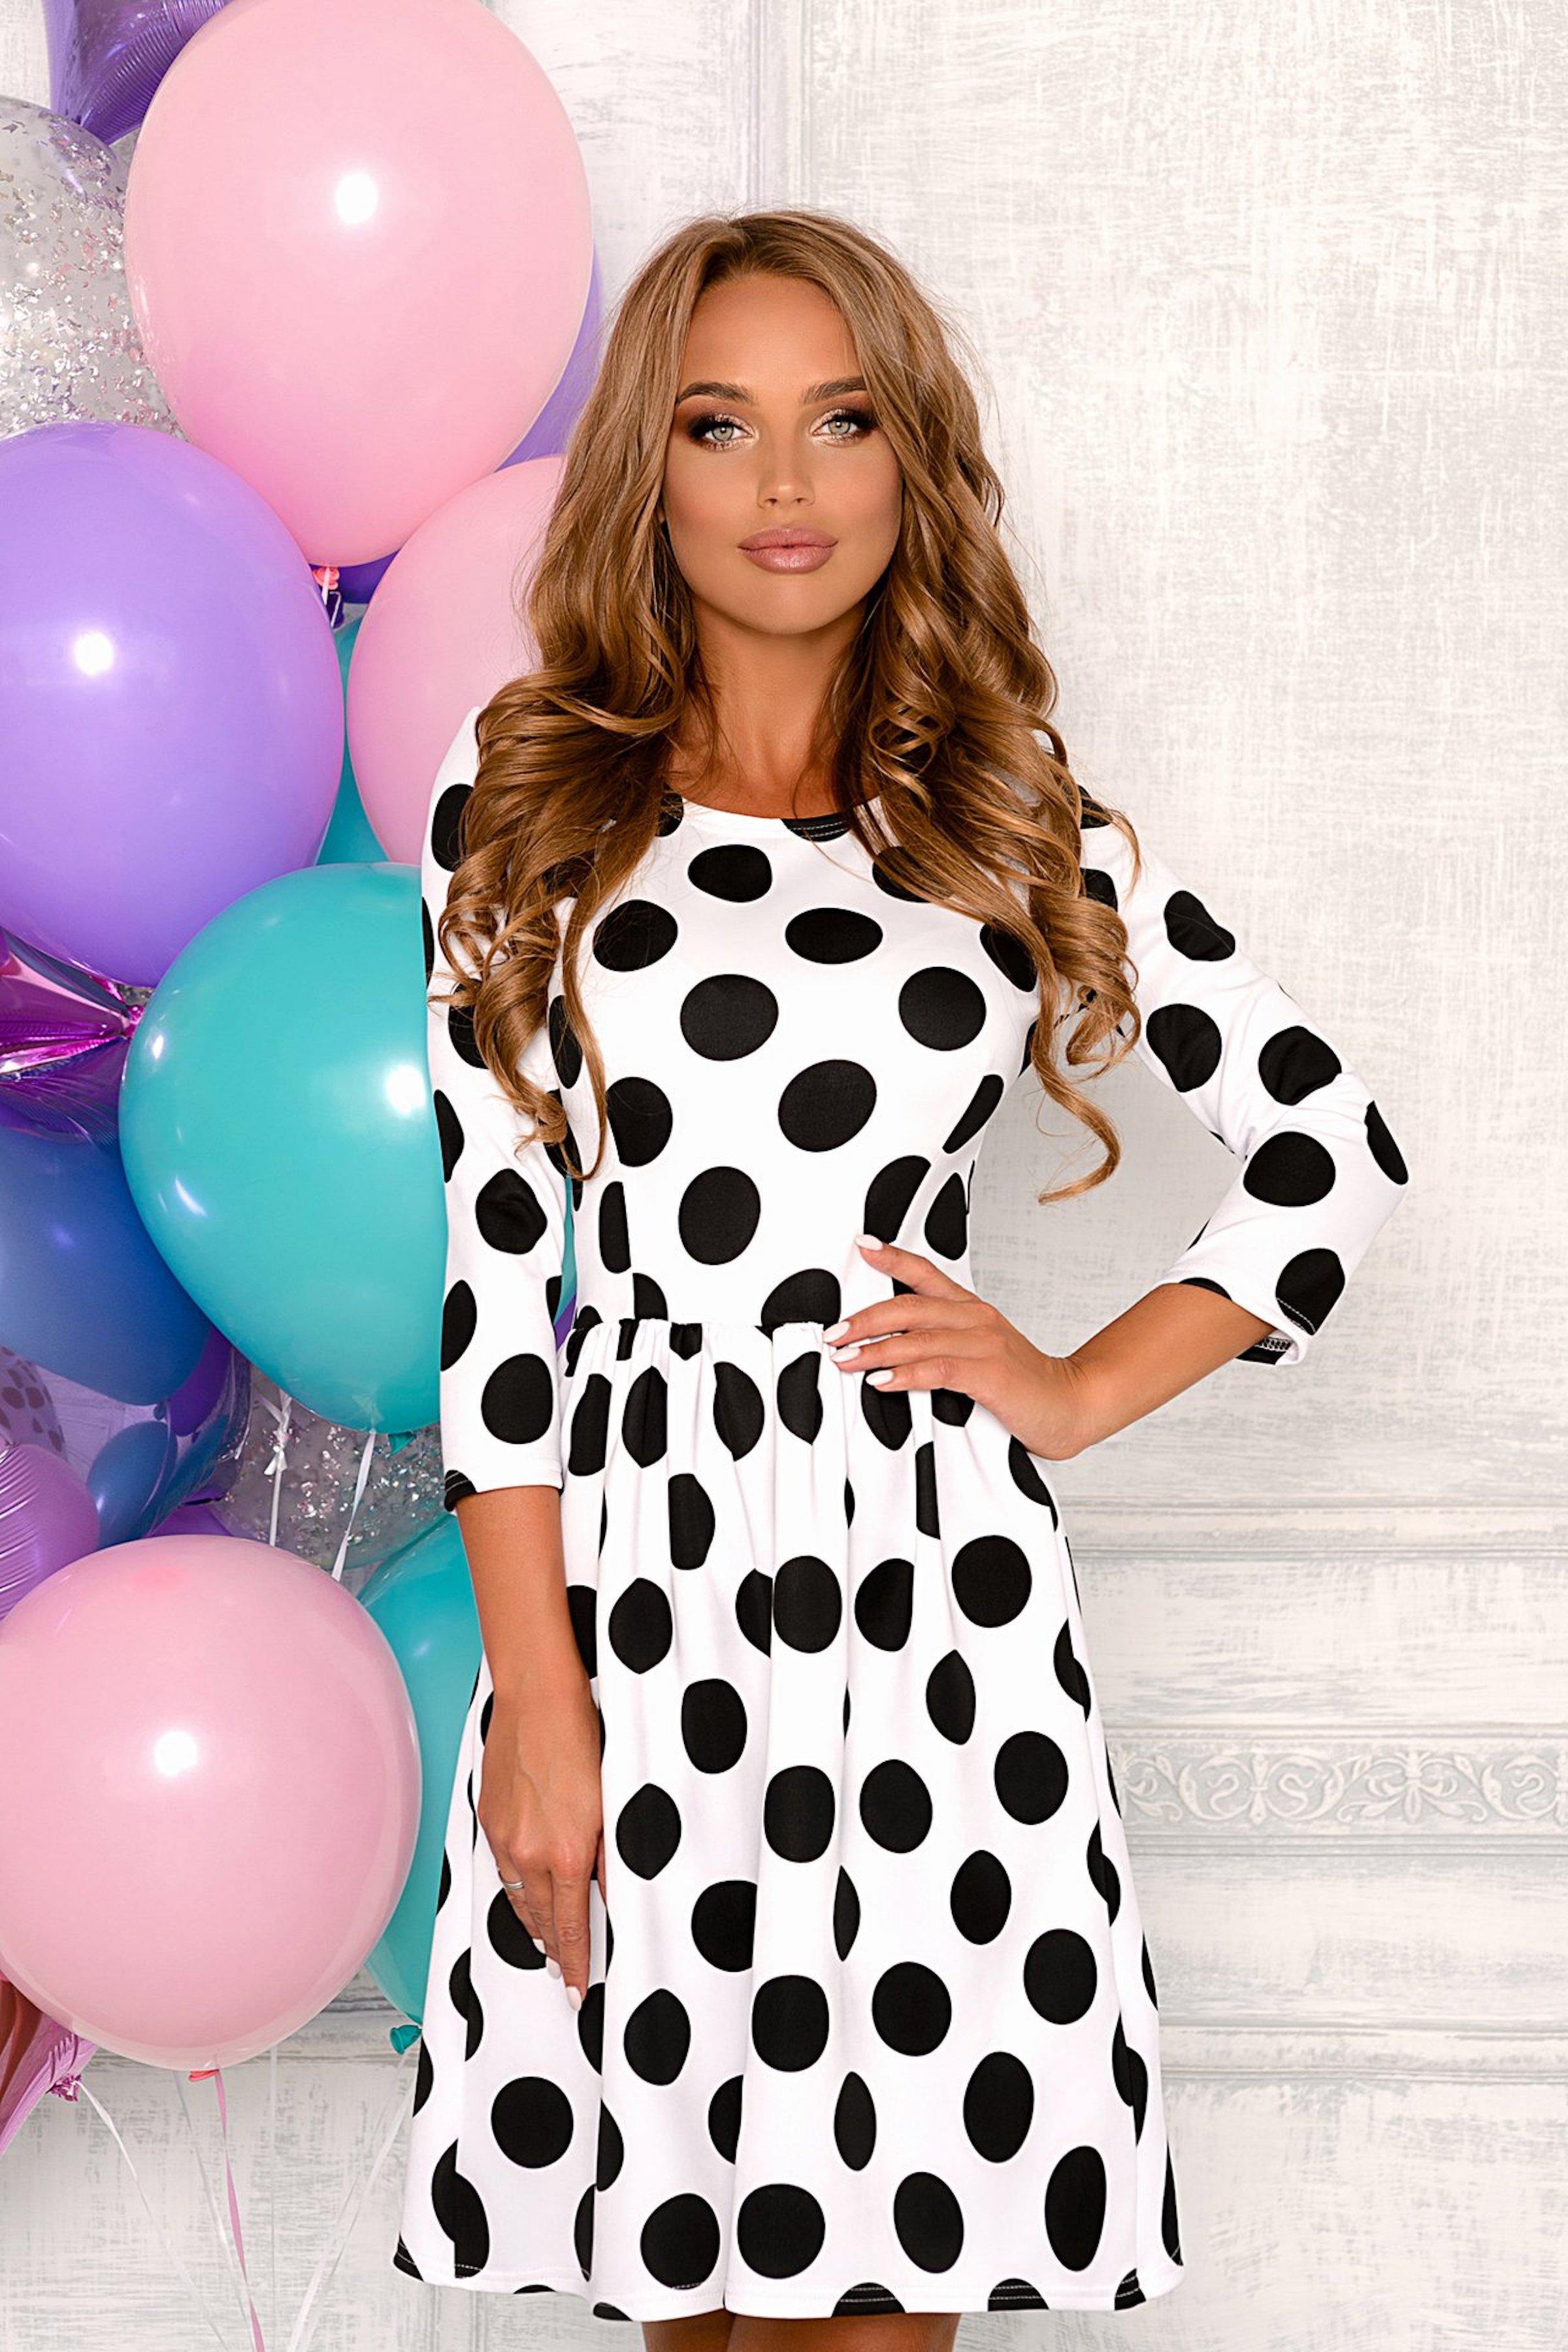 26a01c93a9b Белое платье в черный горошек Open-Style арт. 8003 купить в интернет- магазине KOKETTE